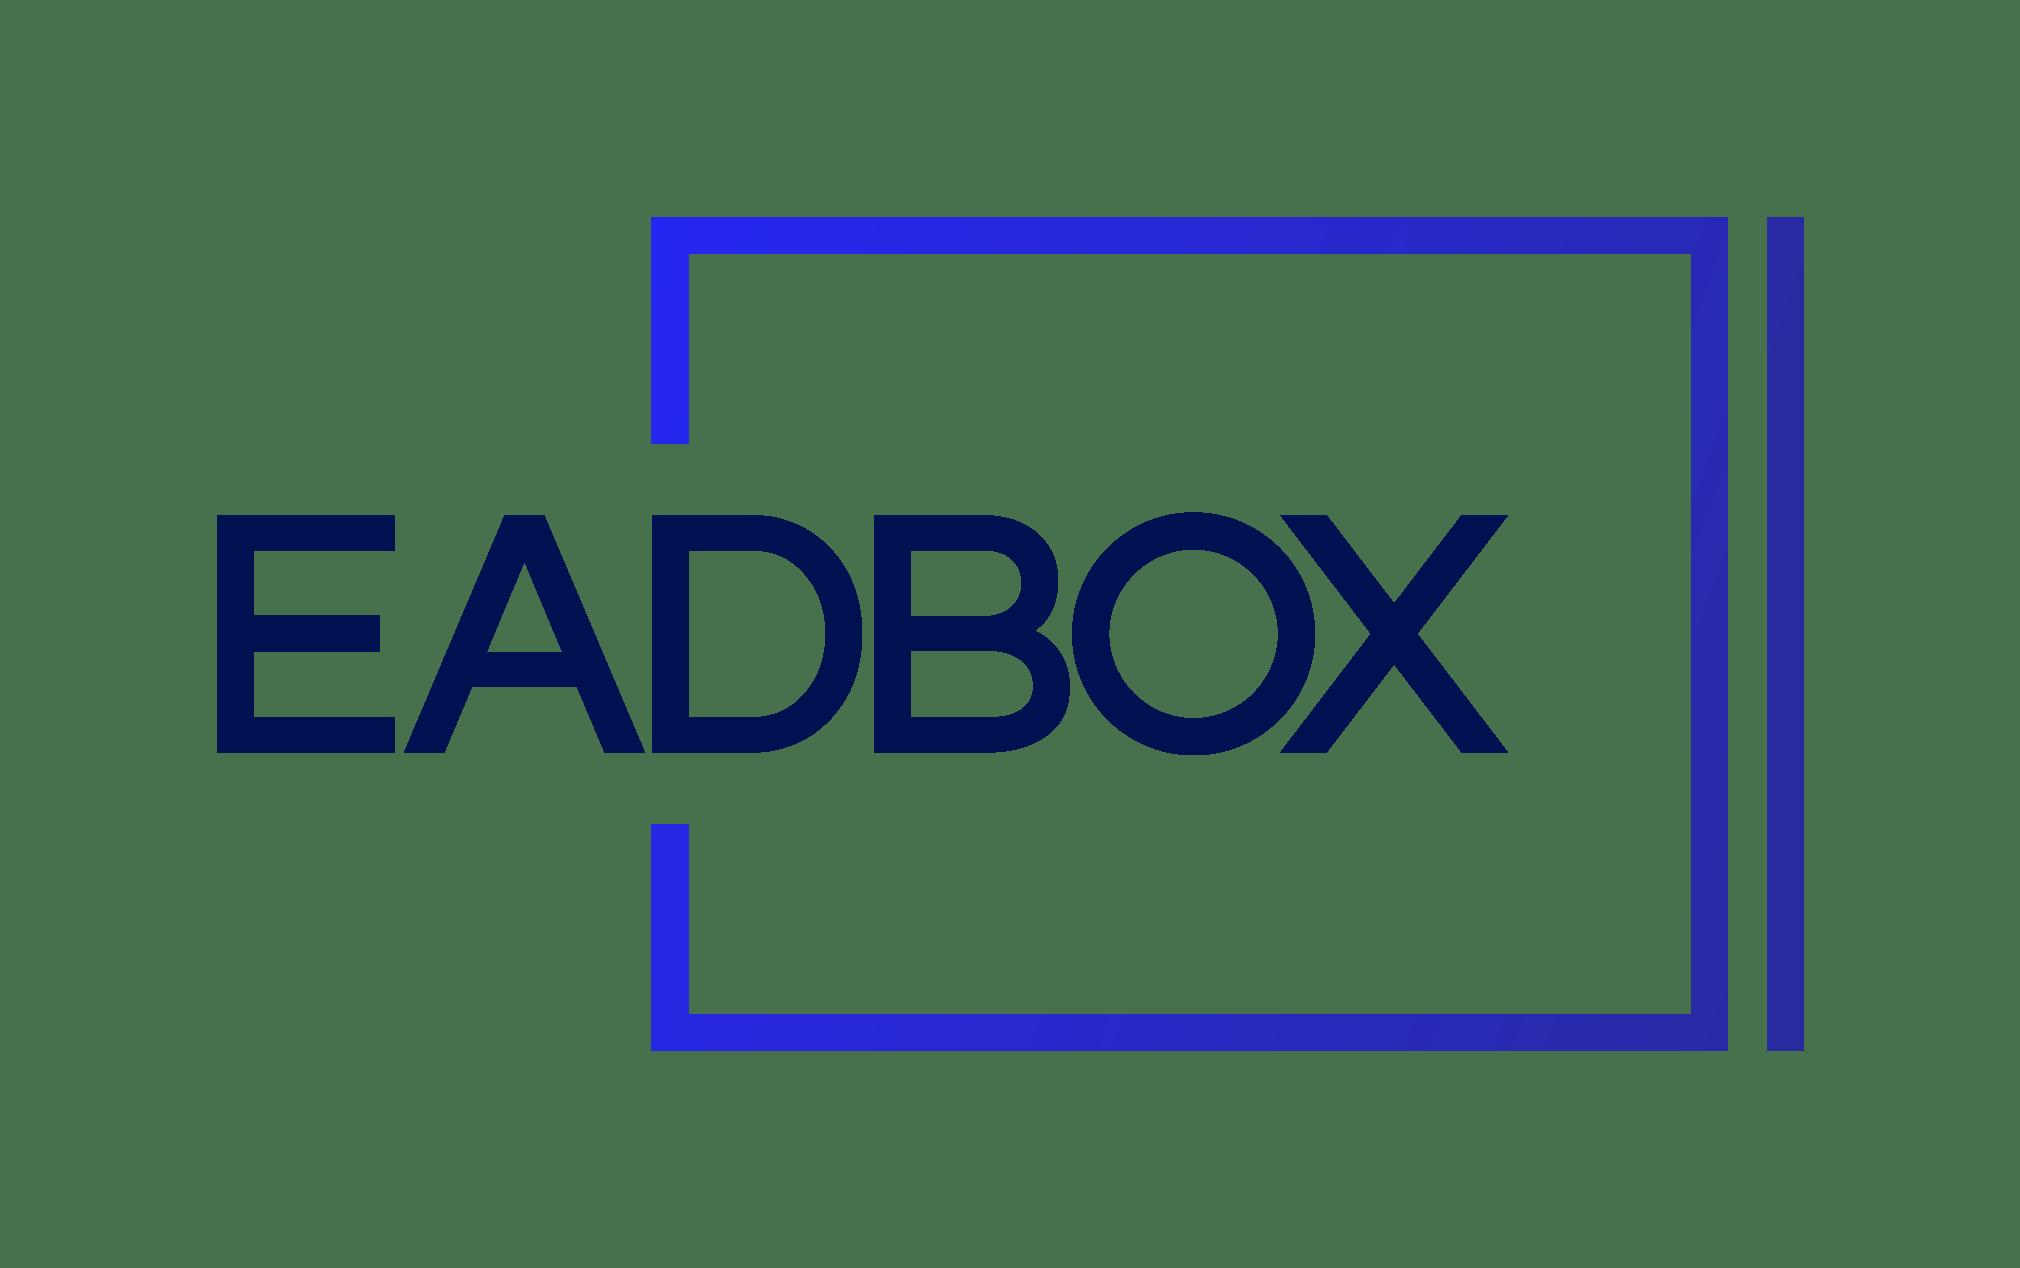 Plataforma LMS Eadbox. Crie cursos online, venda cursos online e tenha sua própria loja de cursos.